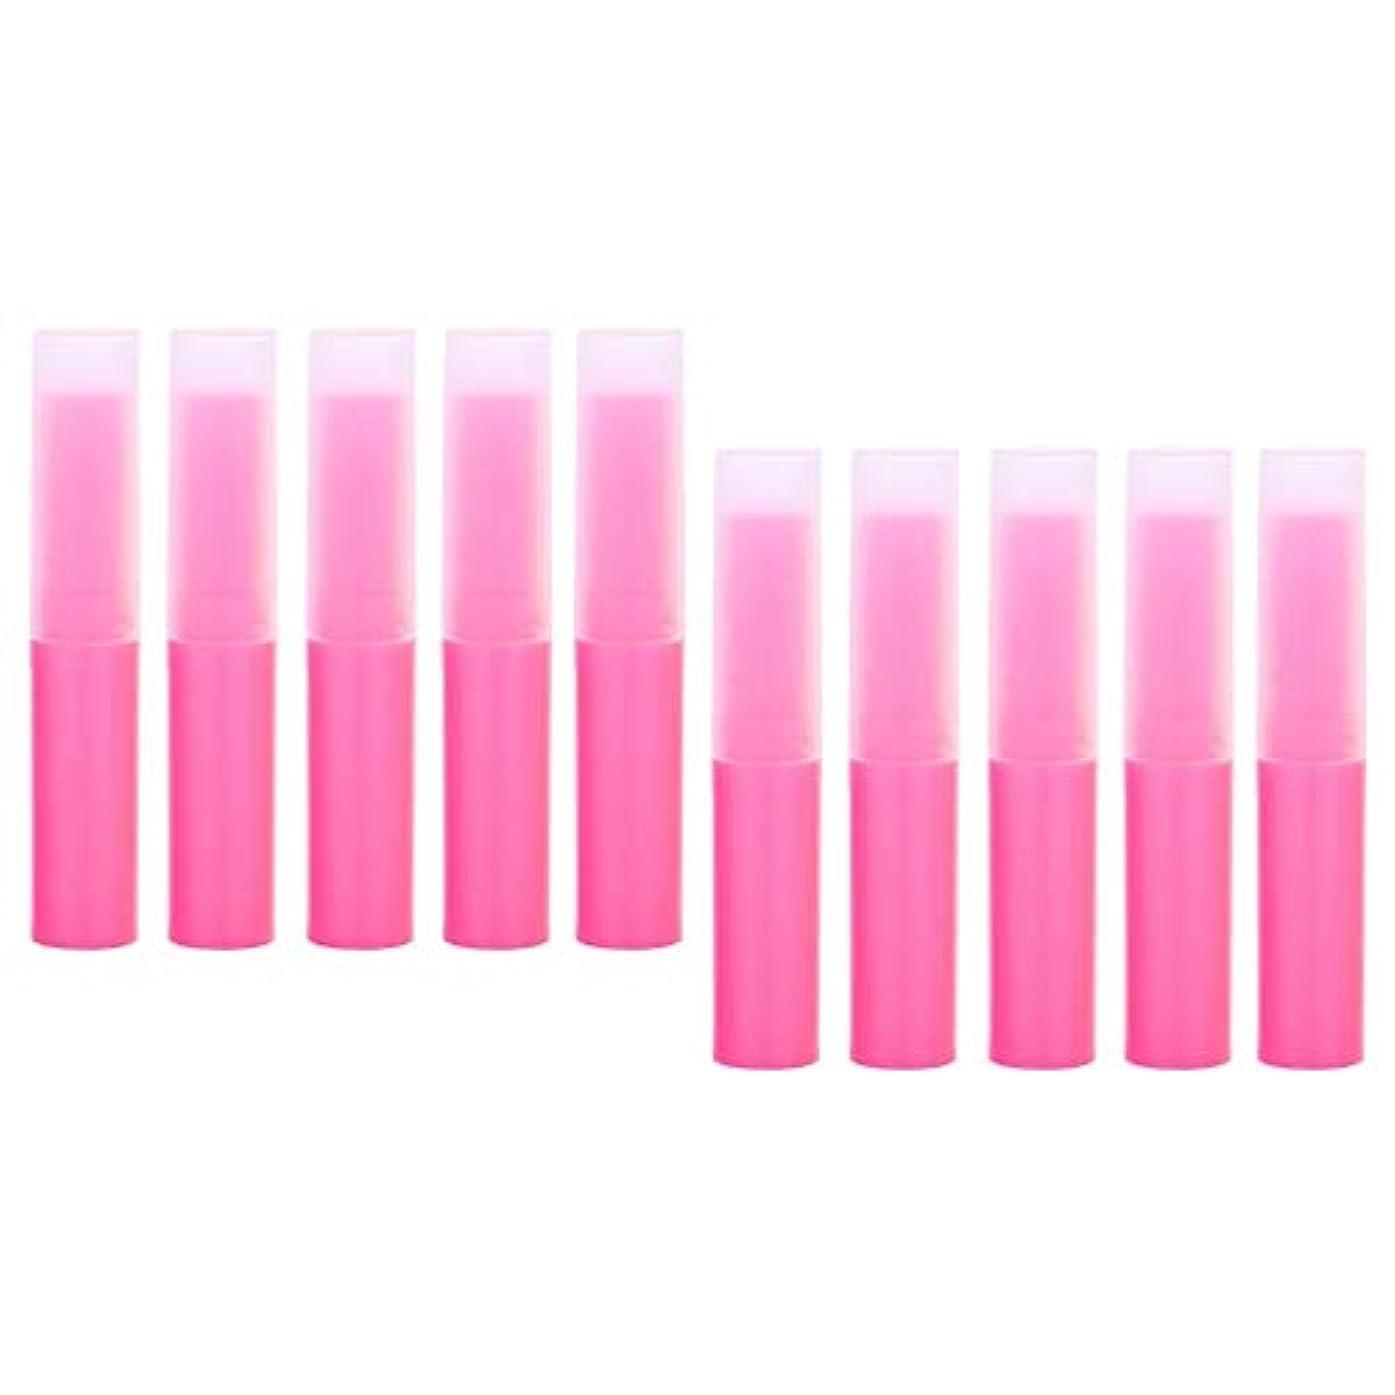 病気のバック反射プラスチック製 リップクリーム容器 空チューブ 化粧品容器 詰替え容器 10個 全7色 - ピンク